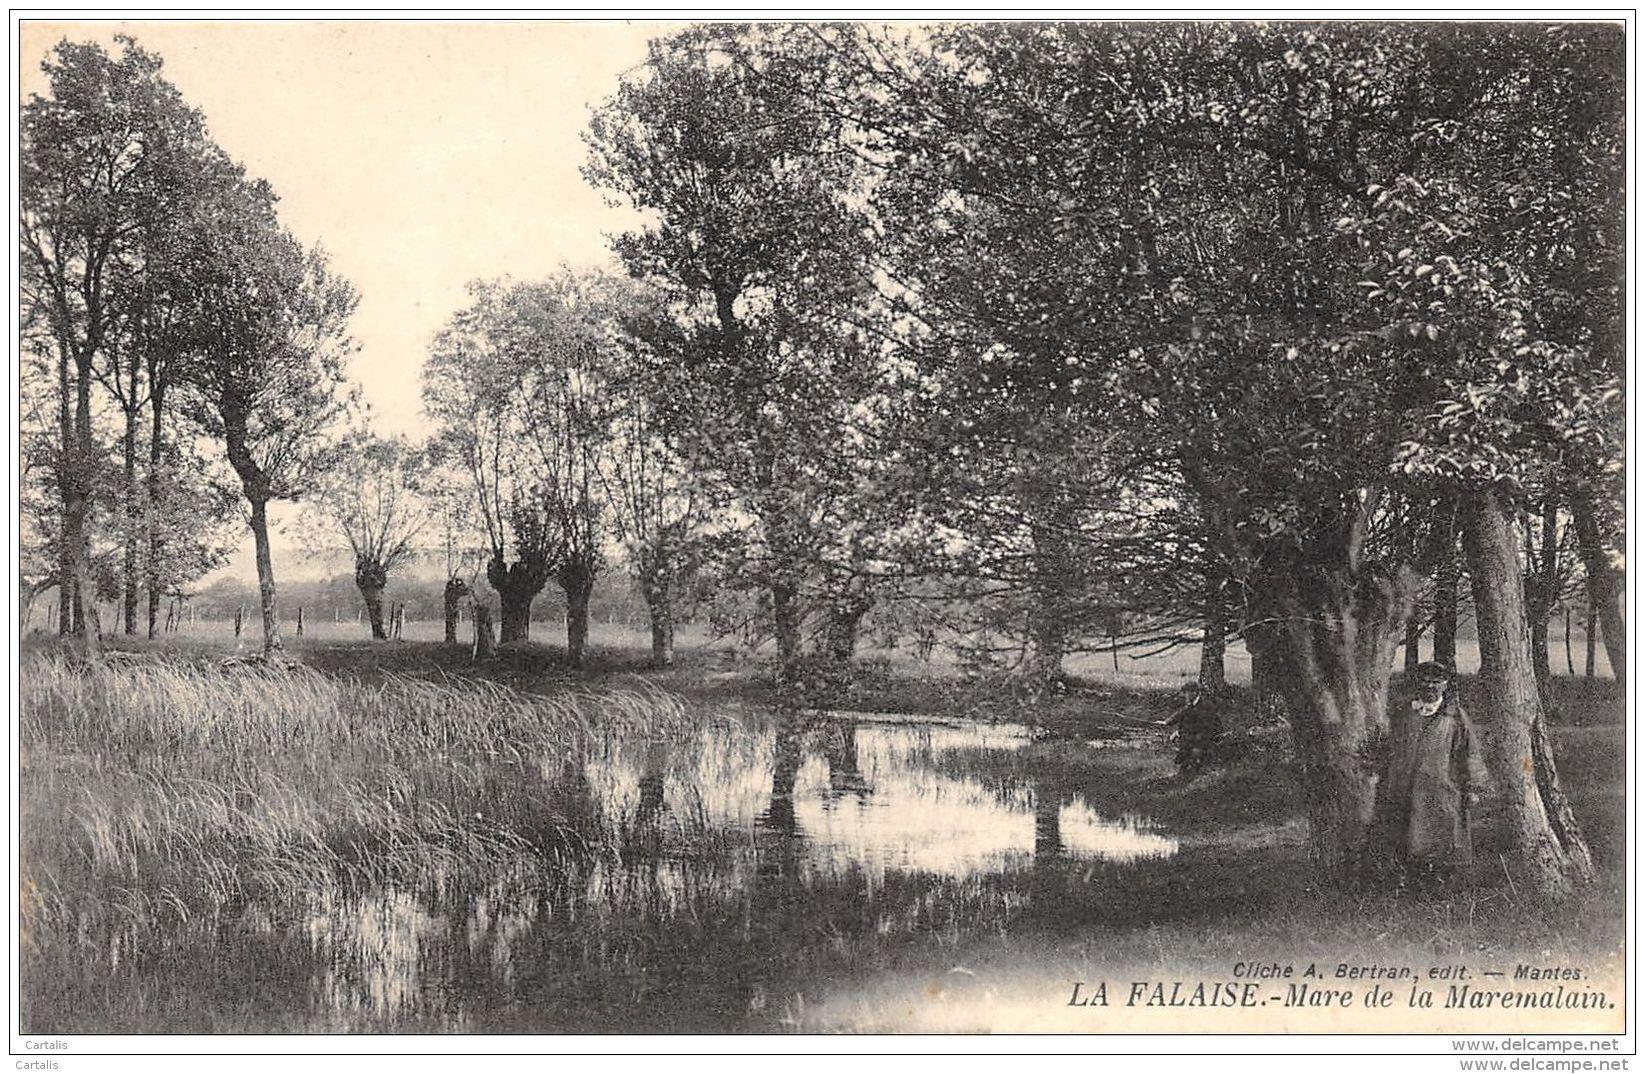 Mare Malaise à La Falaise